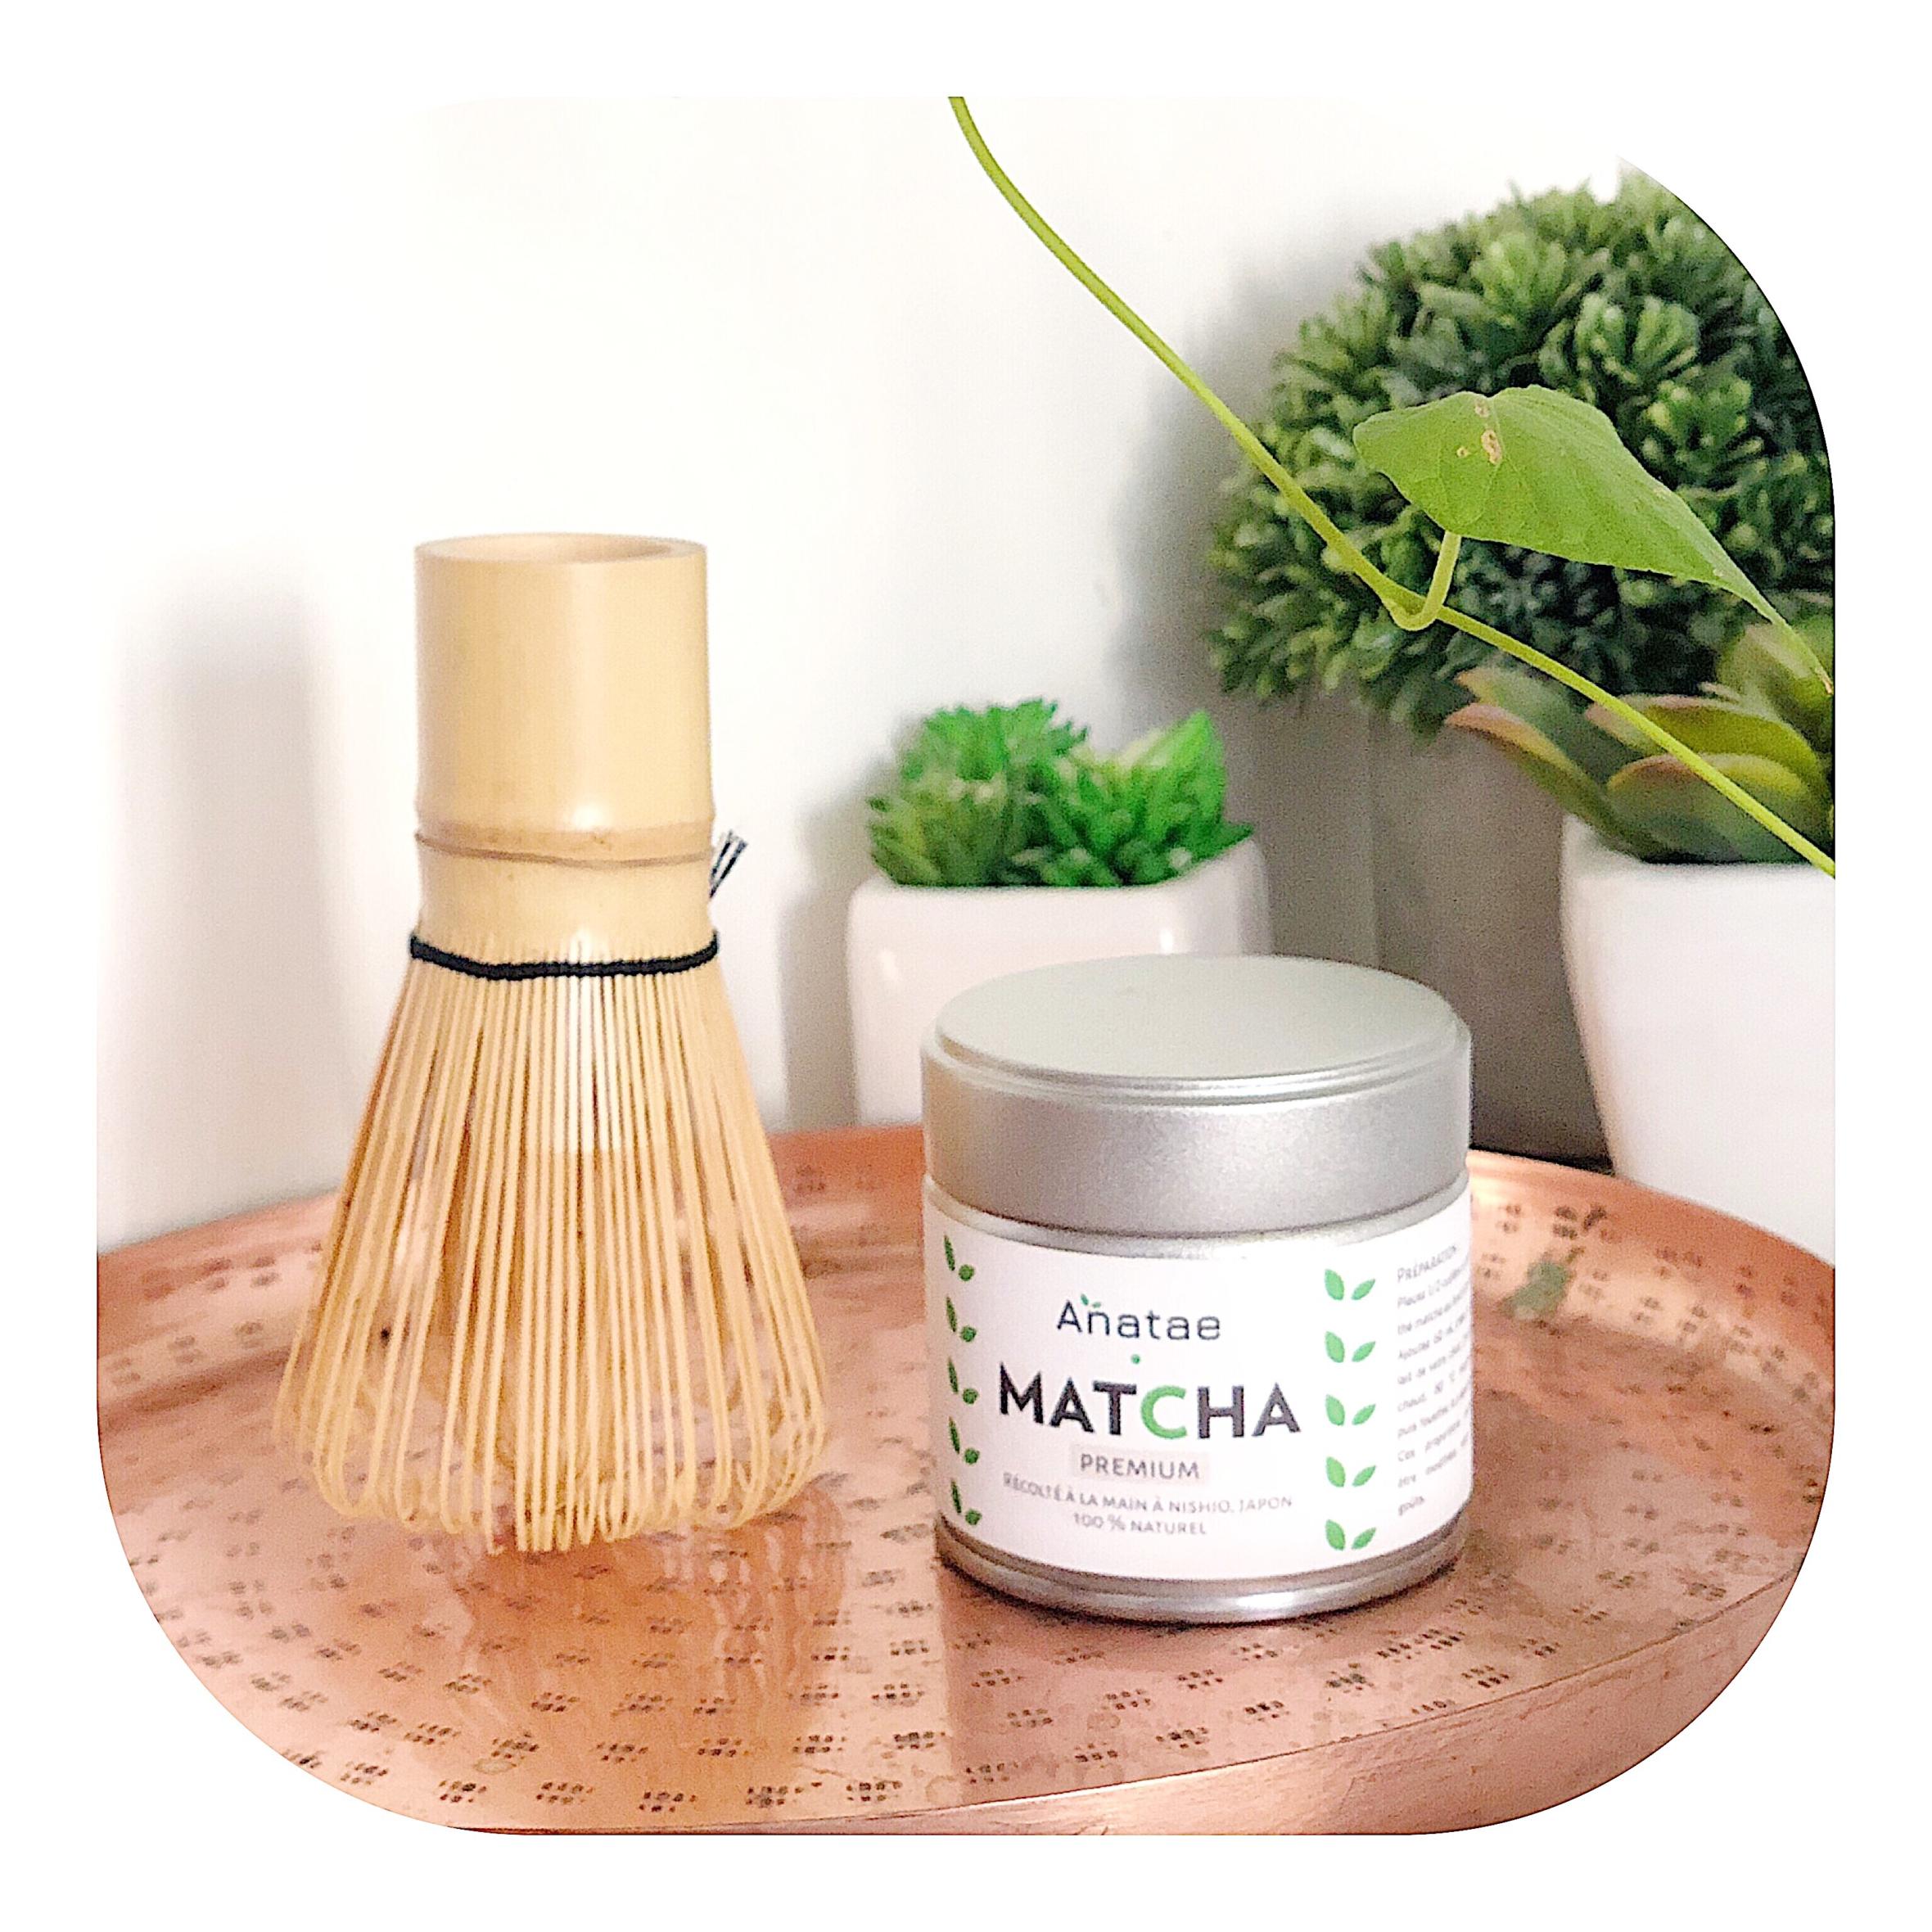 """On en entend de plus en plus parler. Le thé Matcha est on-ne-peut-plus présent dans la sphère """"healthy"""".Utilisé dans l'alimentation, il fait également des merveilles en beauté, pour la peau. Aujourd'hui je vous explique ses bienfaits et vous dévoile les raisons qui font son succès."""